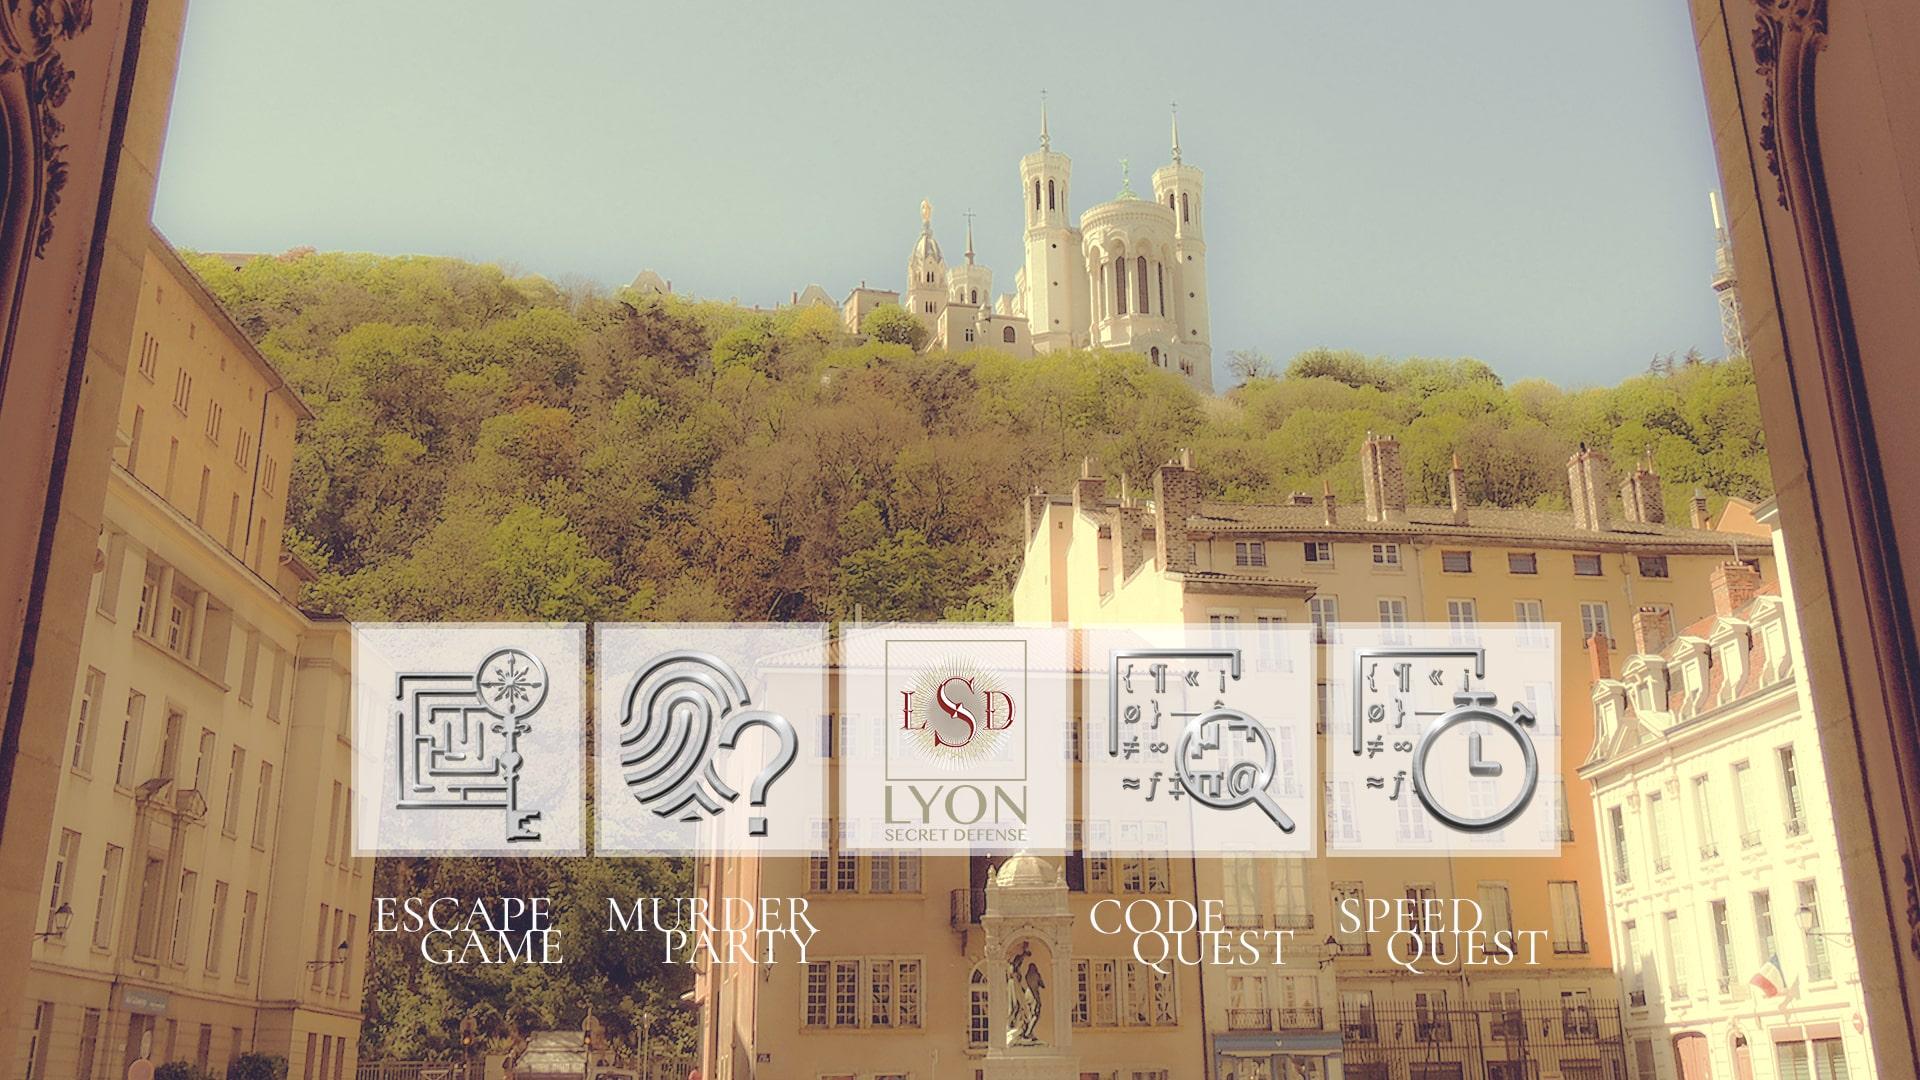 Les jeux à visiter Lyon et son histoire